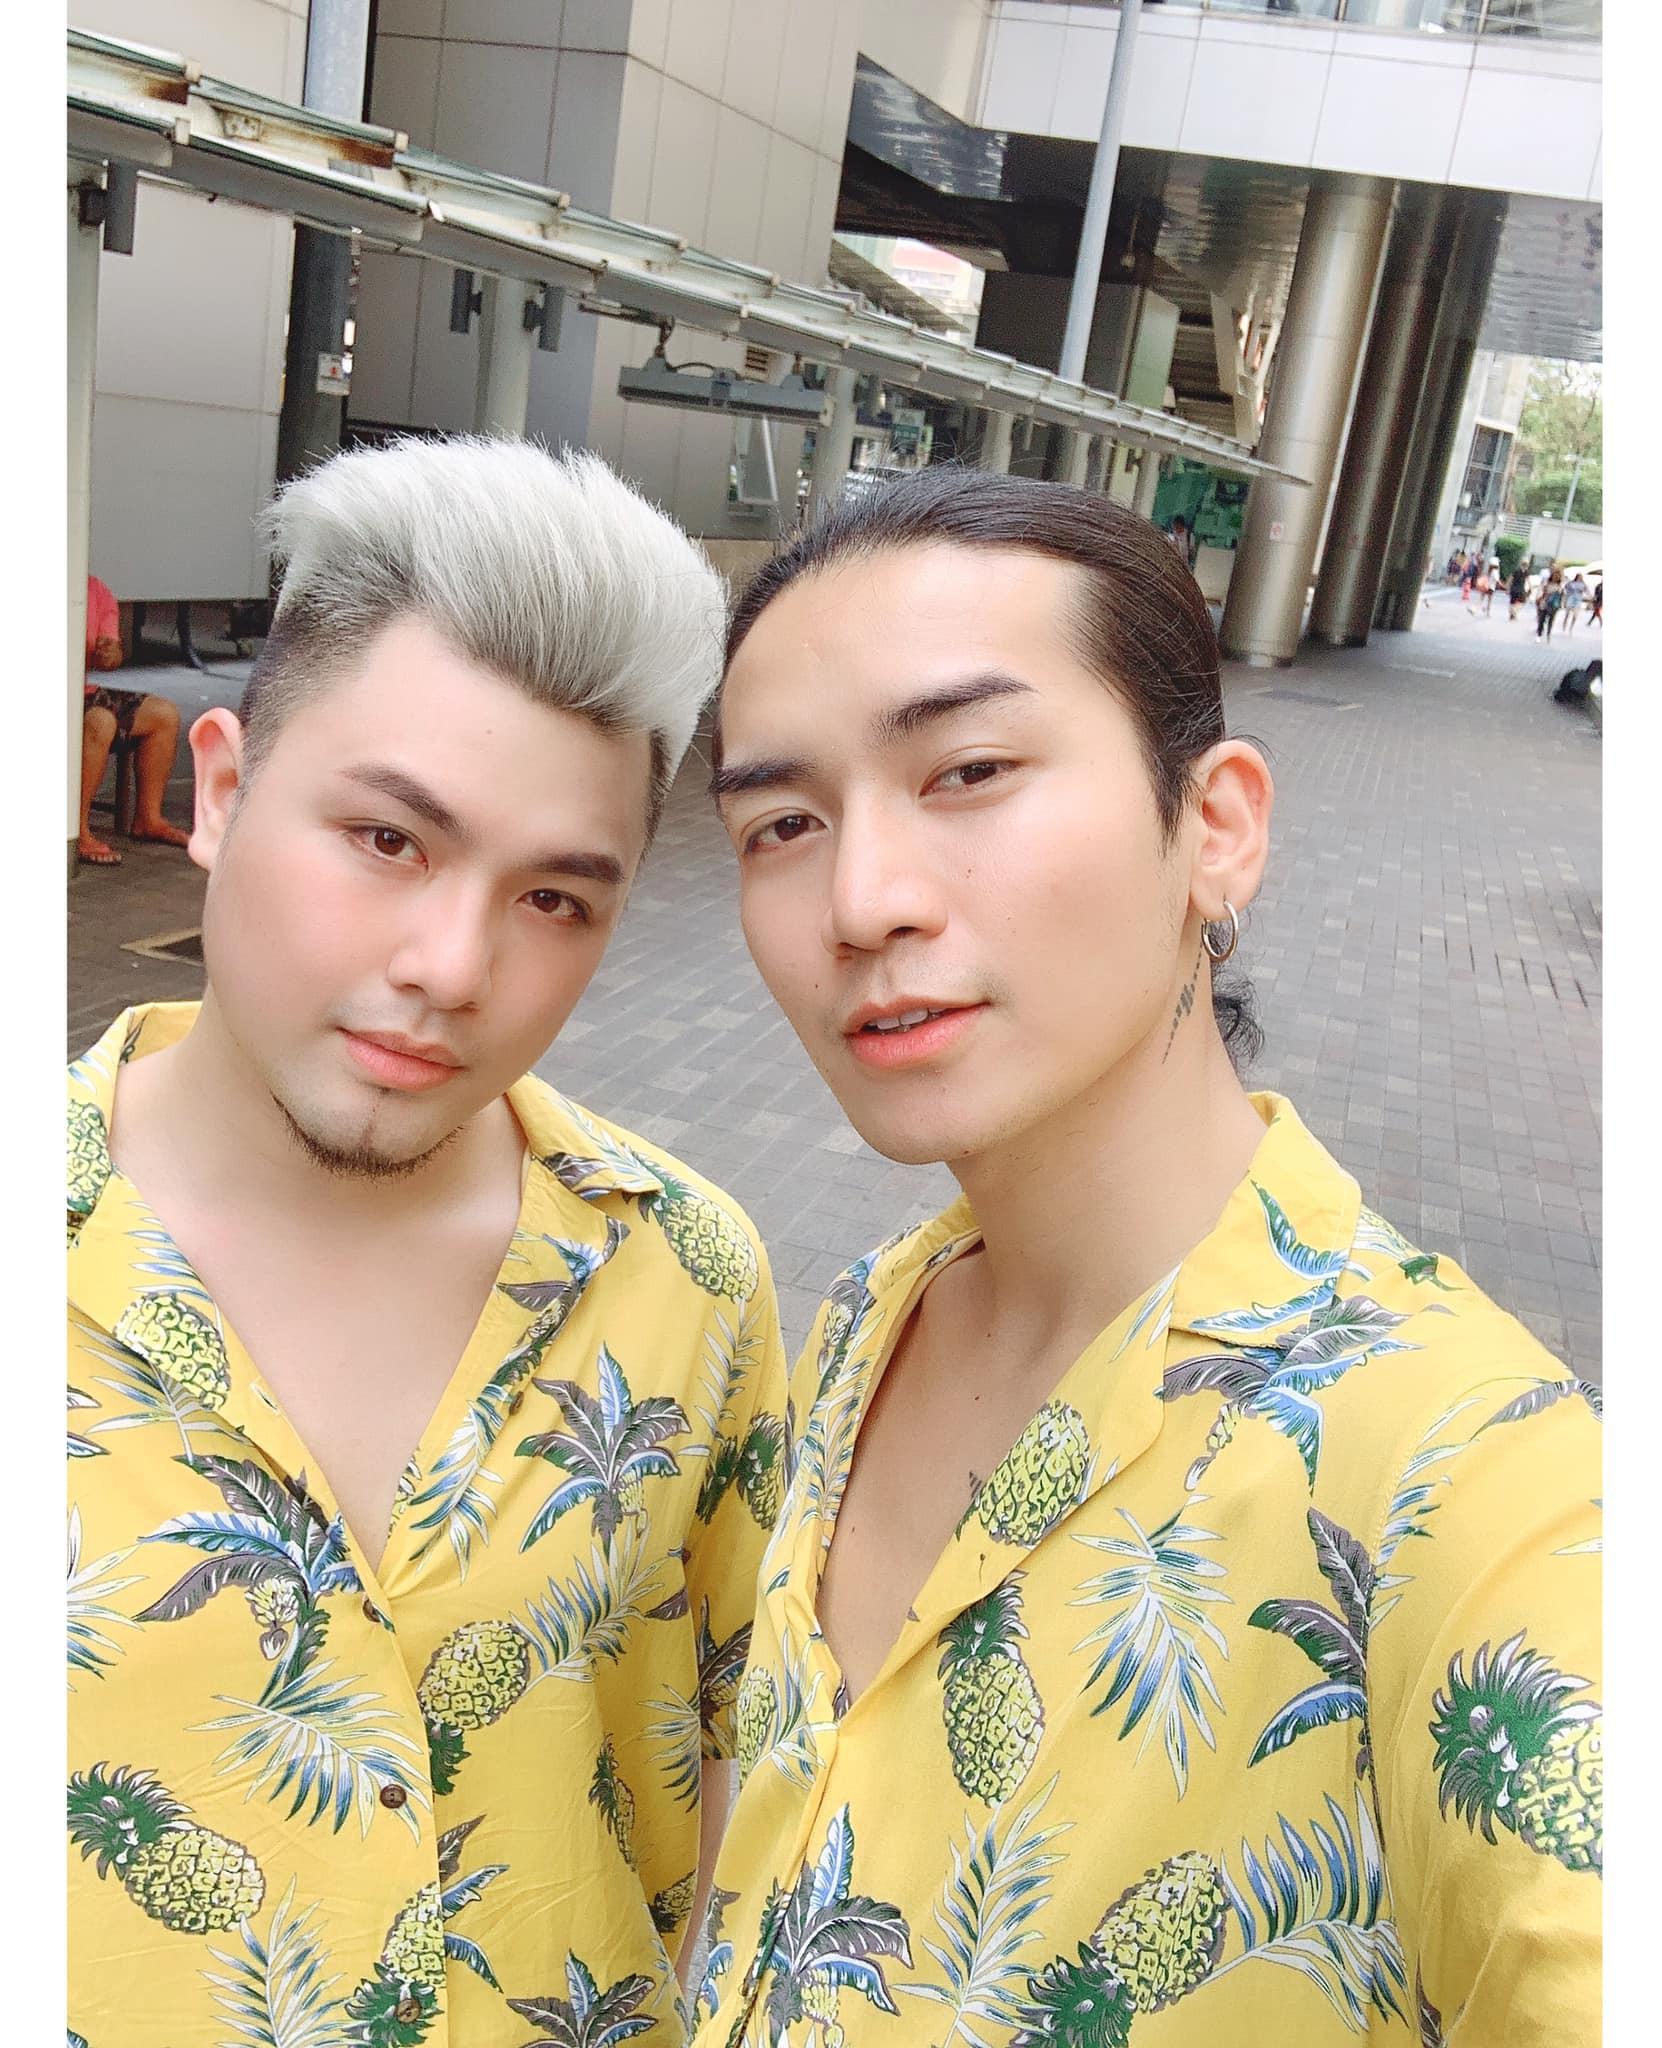 5 cặp đôi sao Việt đồng tính có tình yêu bền chặt, vượt mọi thử thách - Ảnh 5.